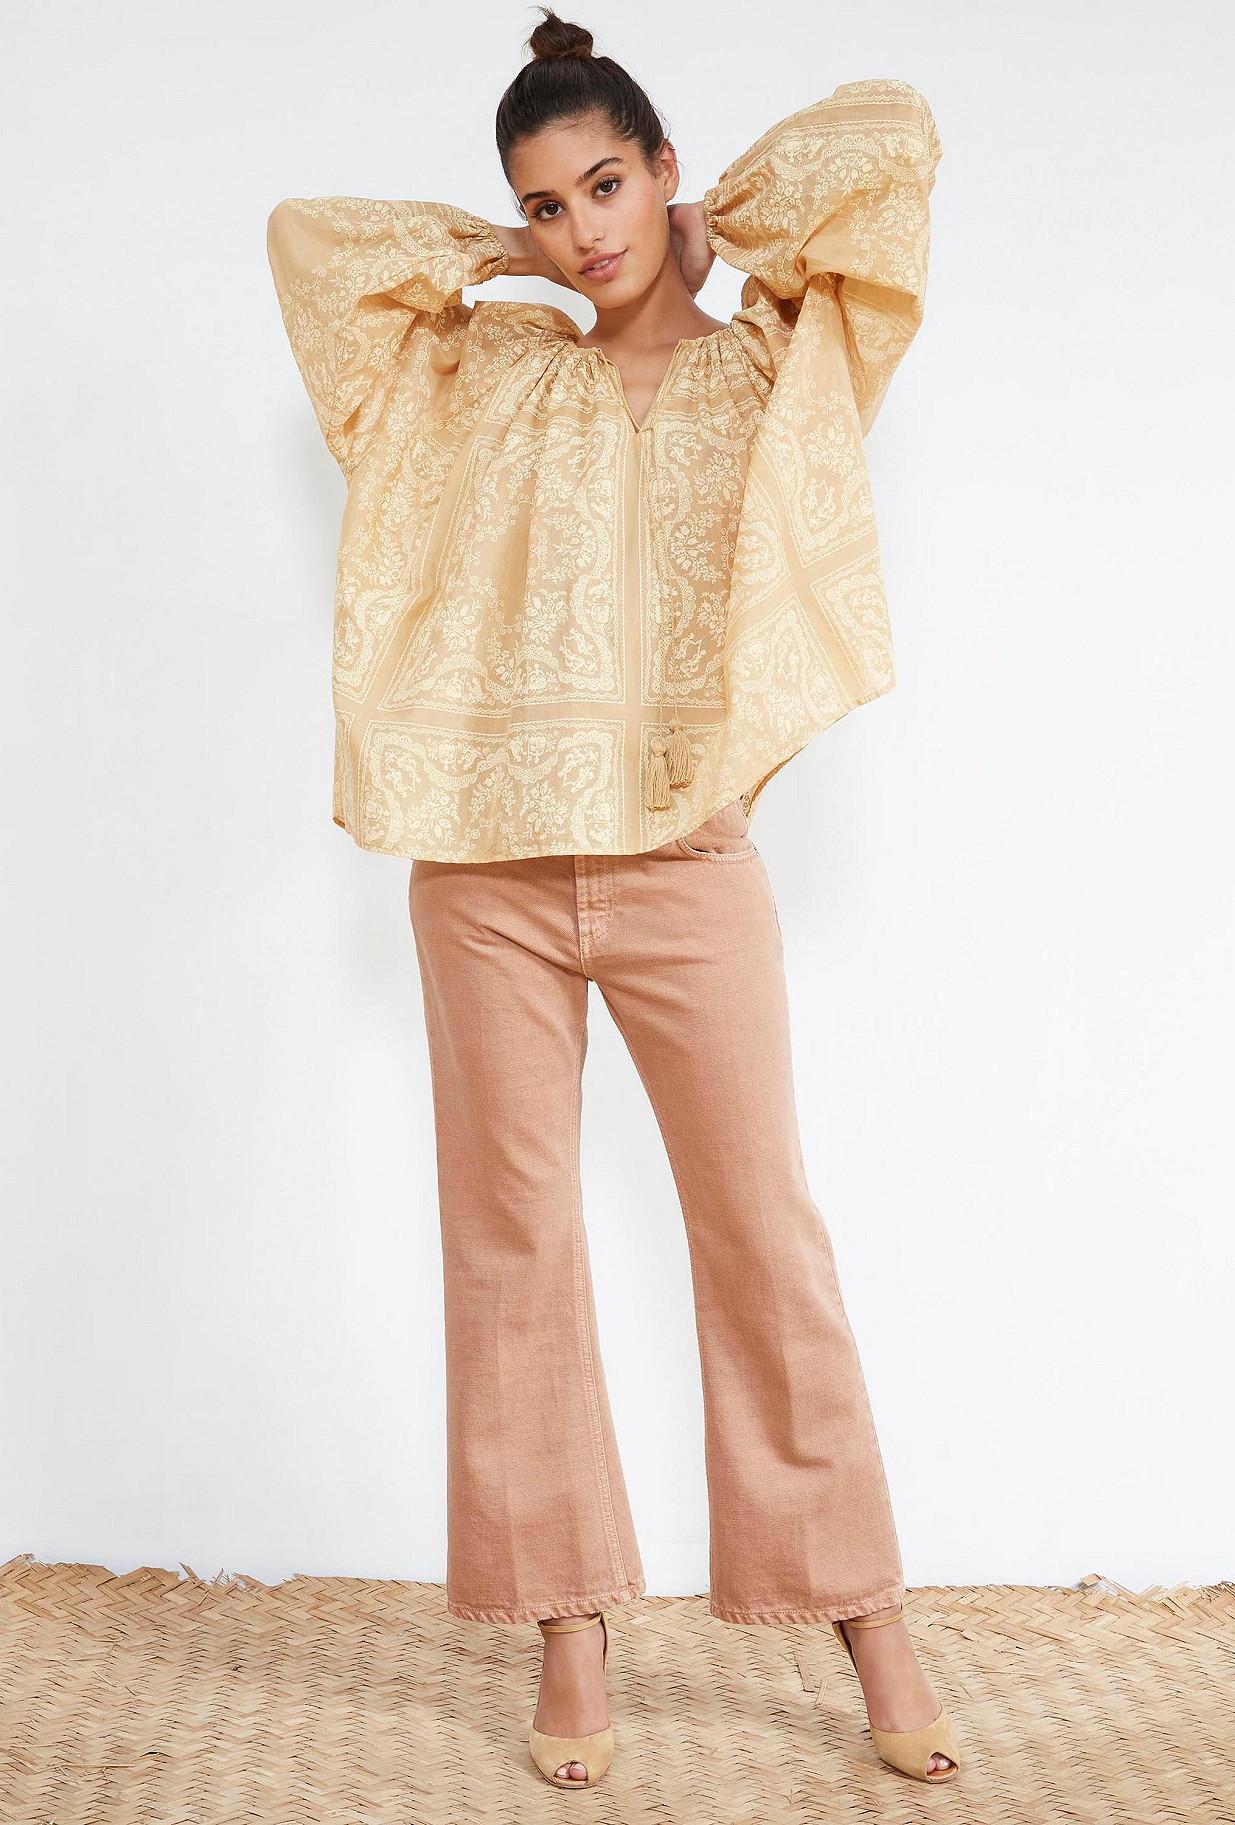 clothes store BLOUSE  Jouvenceau french designer fashion Paris